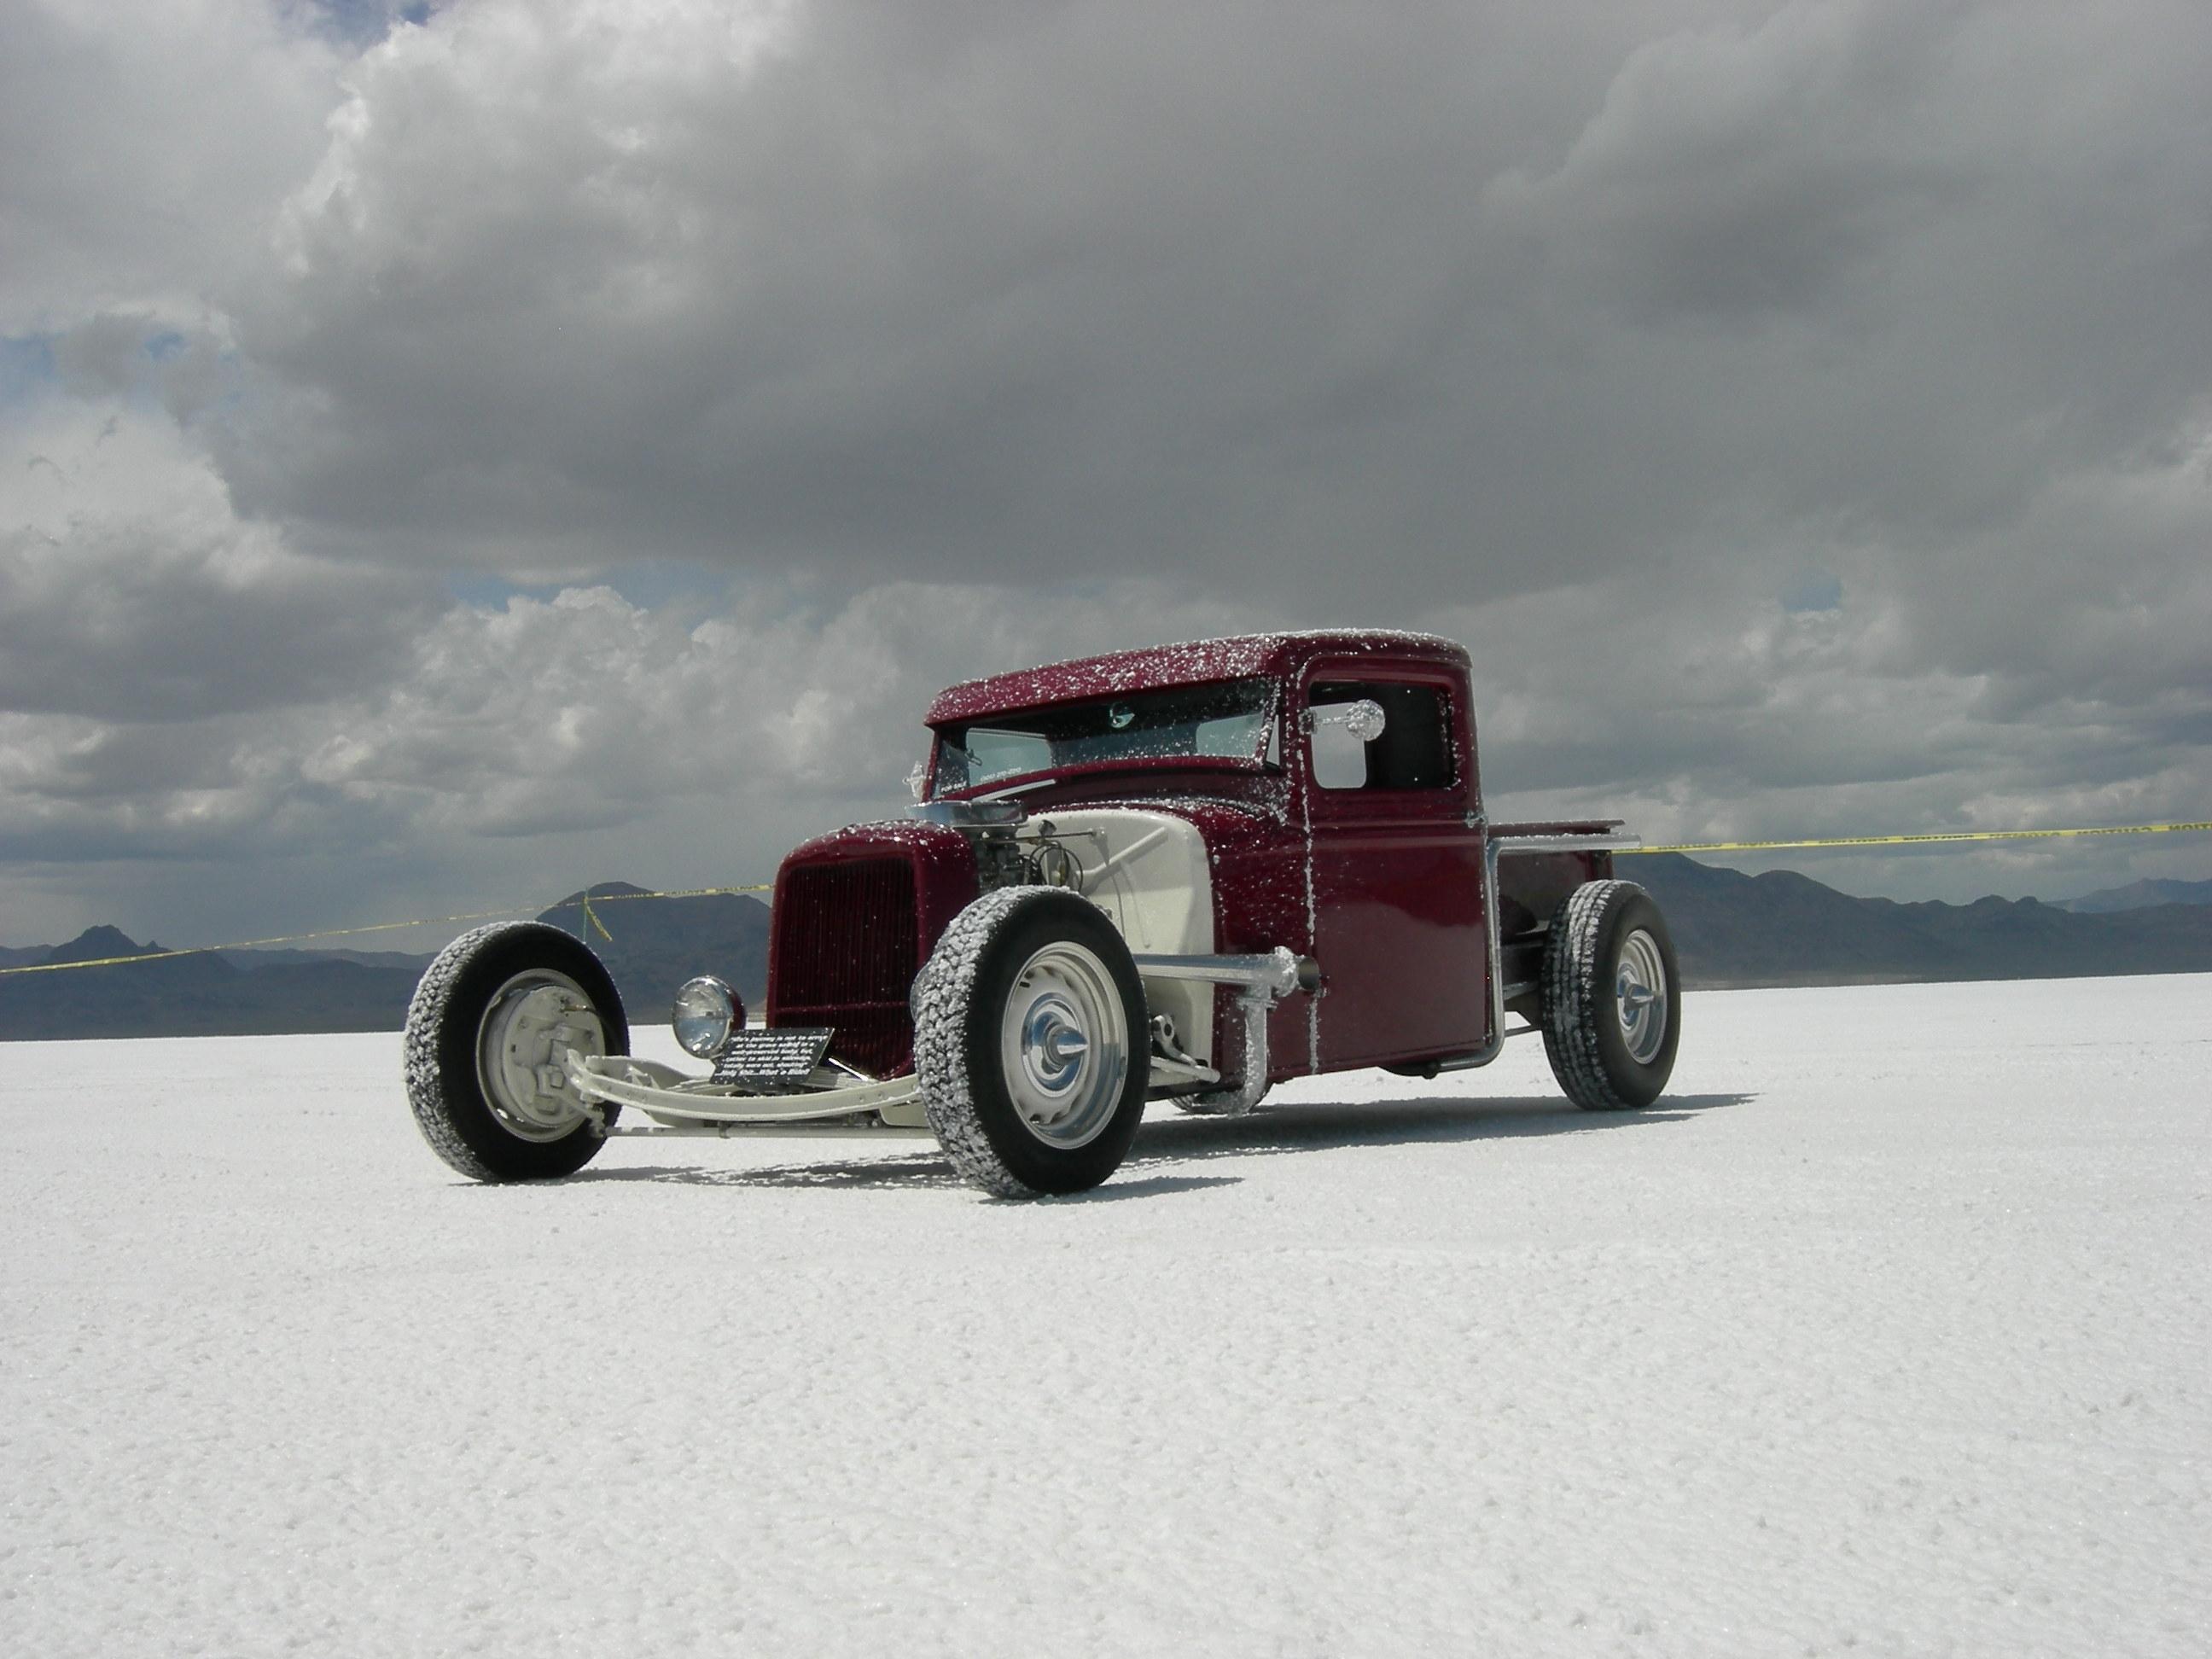 1933 Ford Pickup hot rod on virgin salt at Bonneville Salt Flats